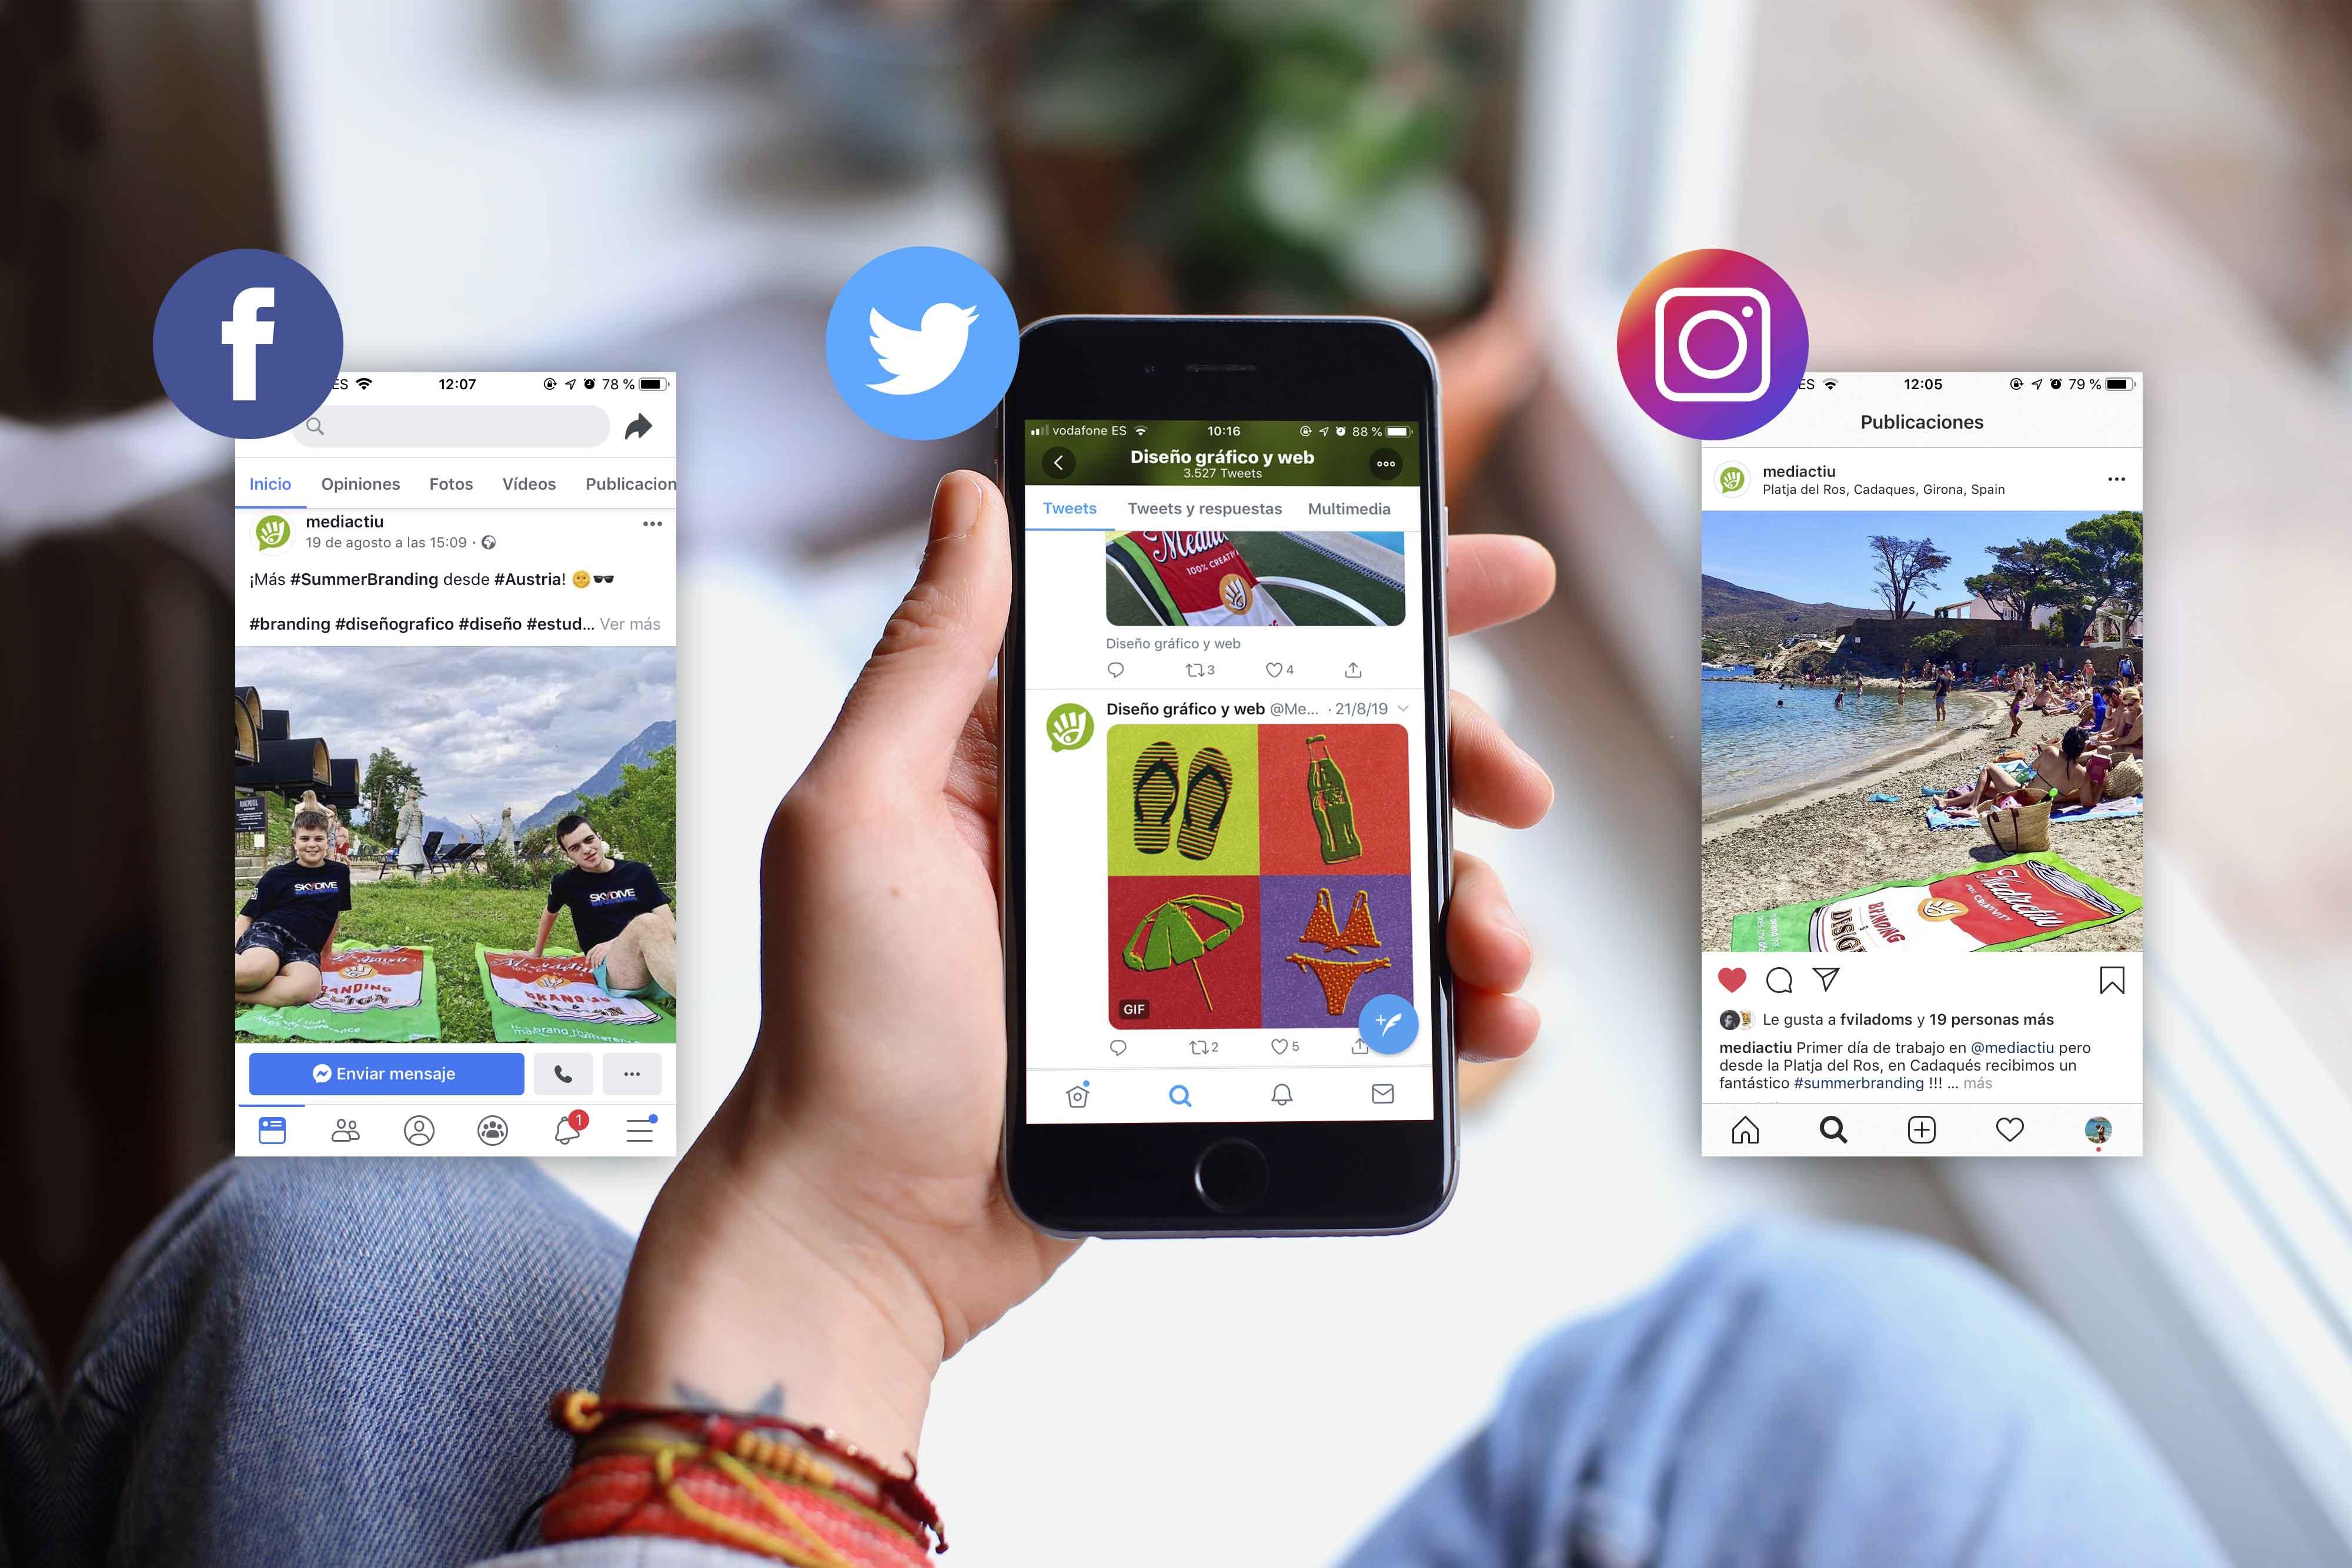 Campana en redes sociales - #Summerbranding, el deseo de Mediactiu para clientes y amigos